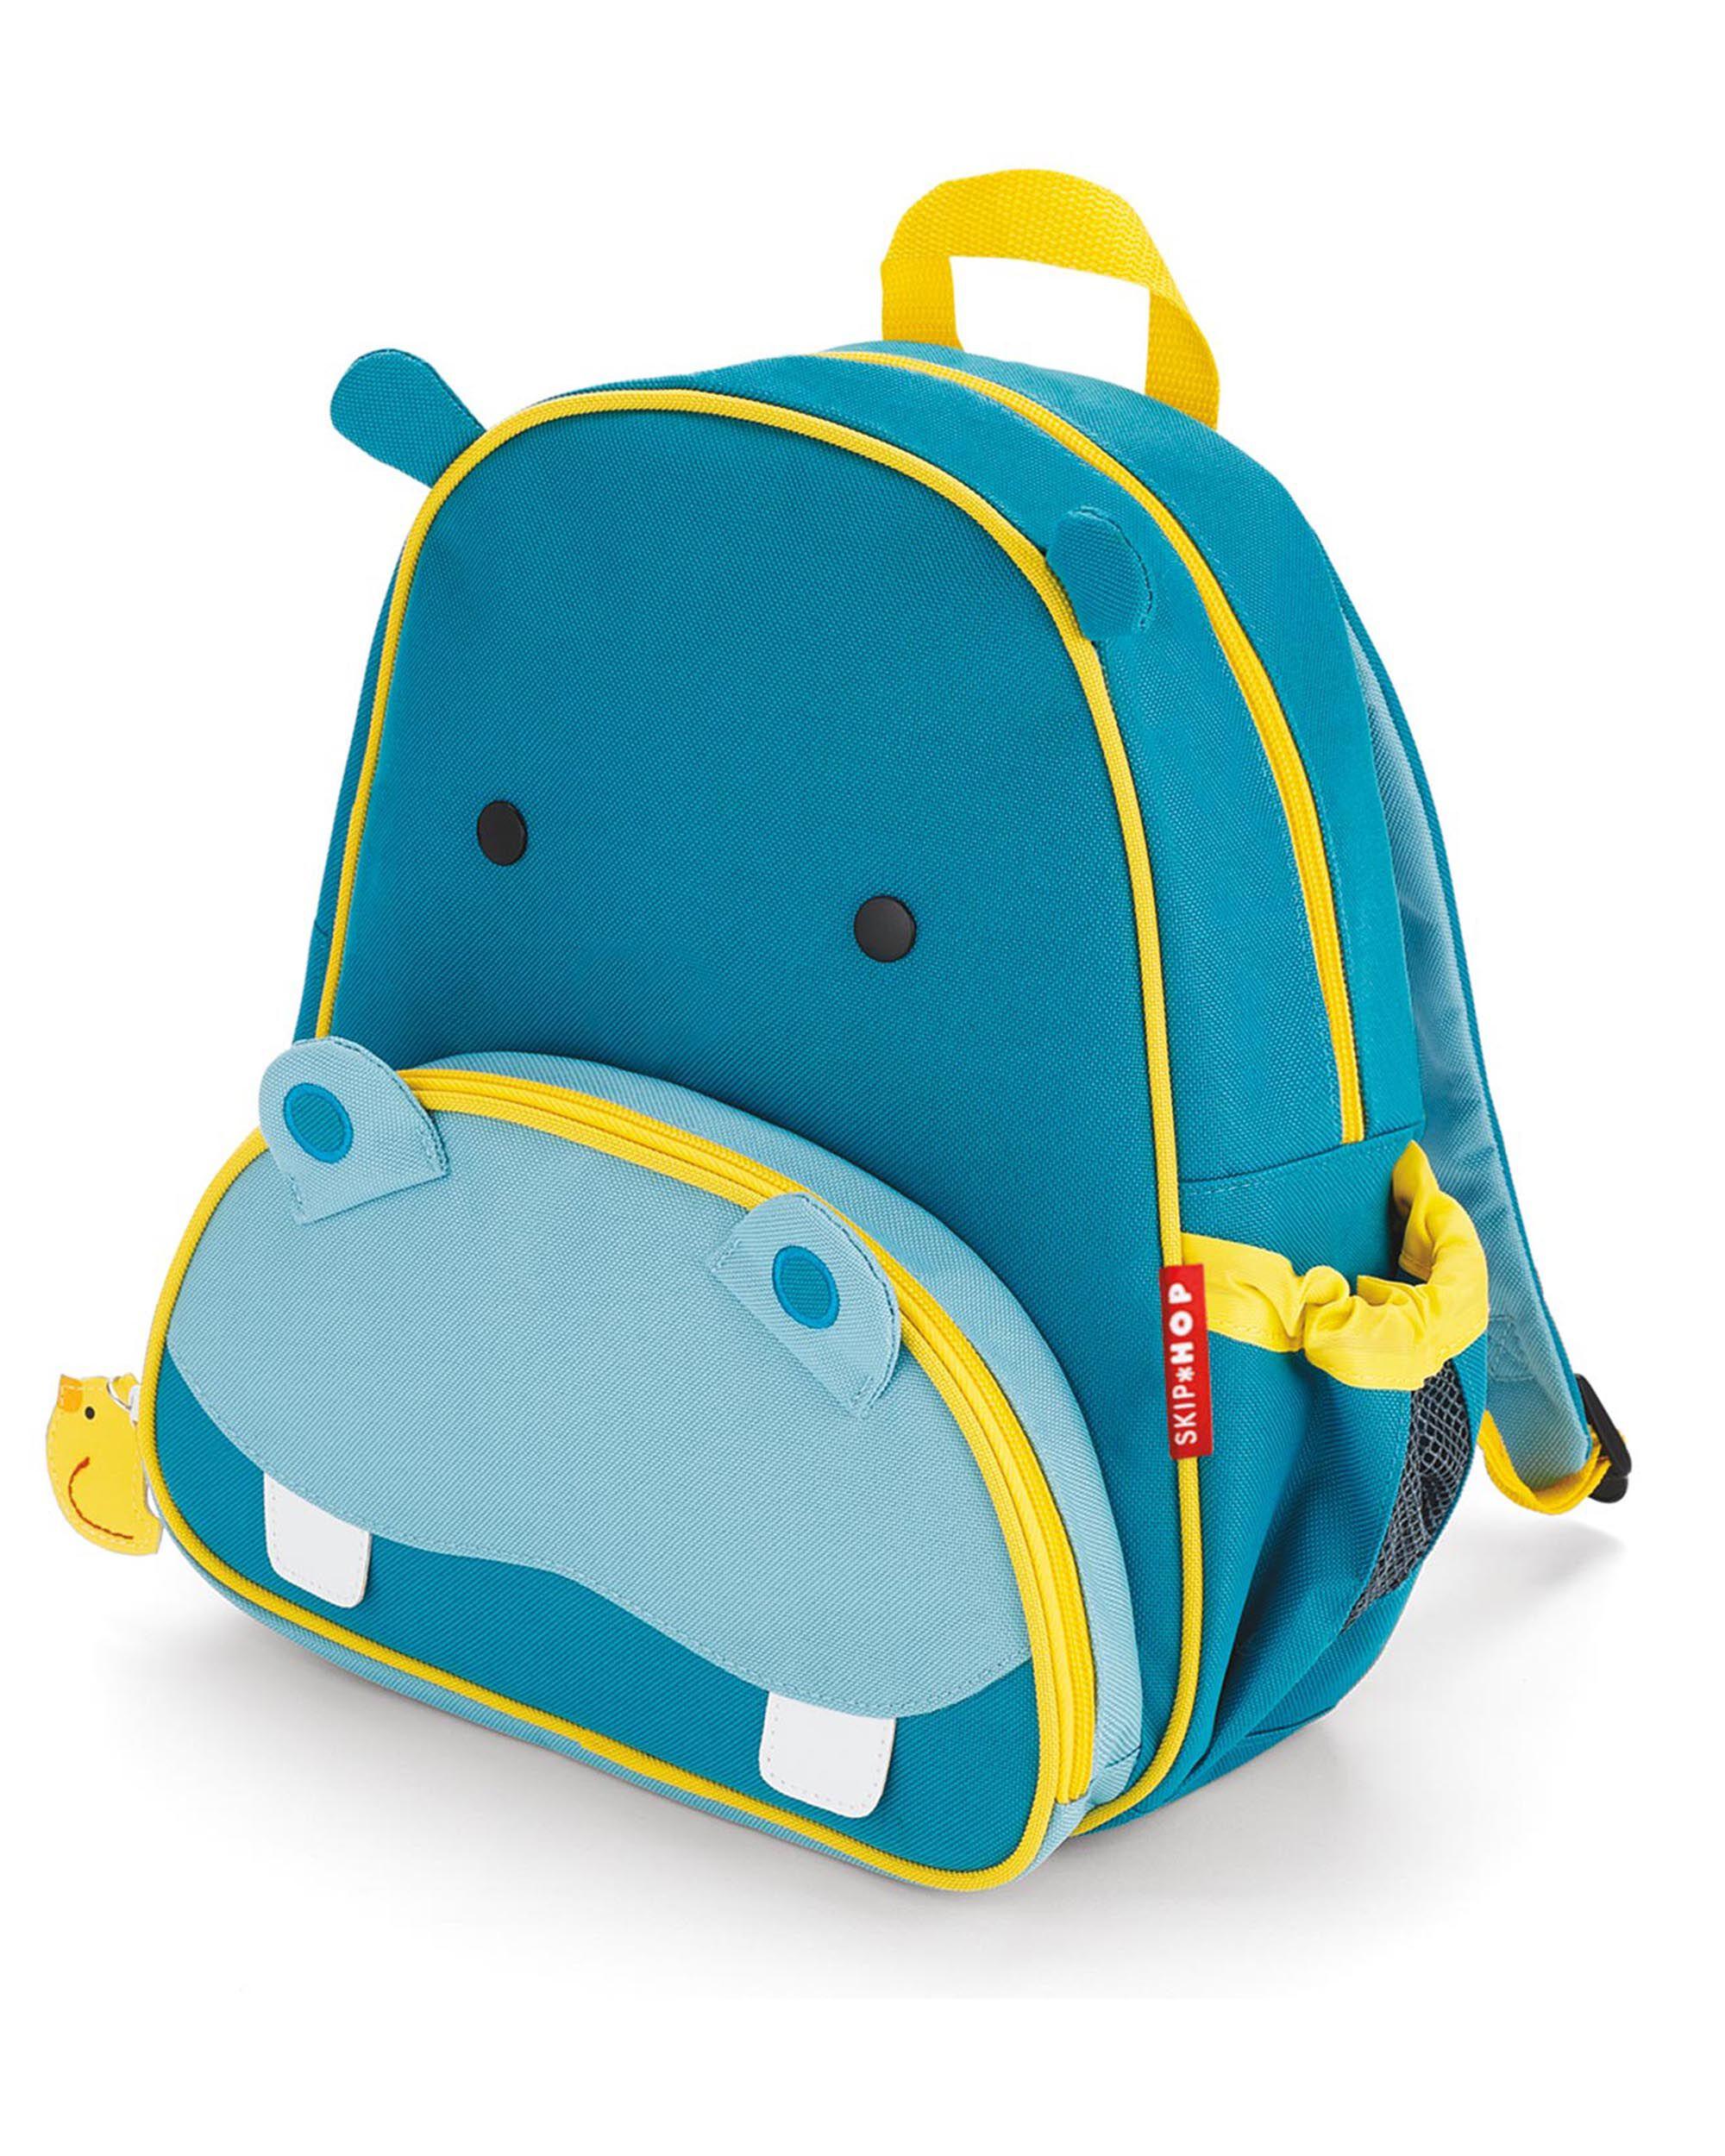 Zoo Little Kid Backpack   Skiphop.com 89cddb56e2